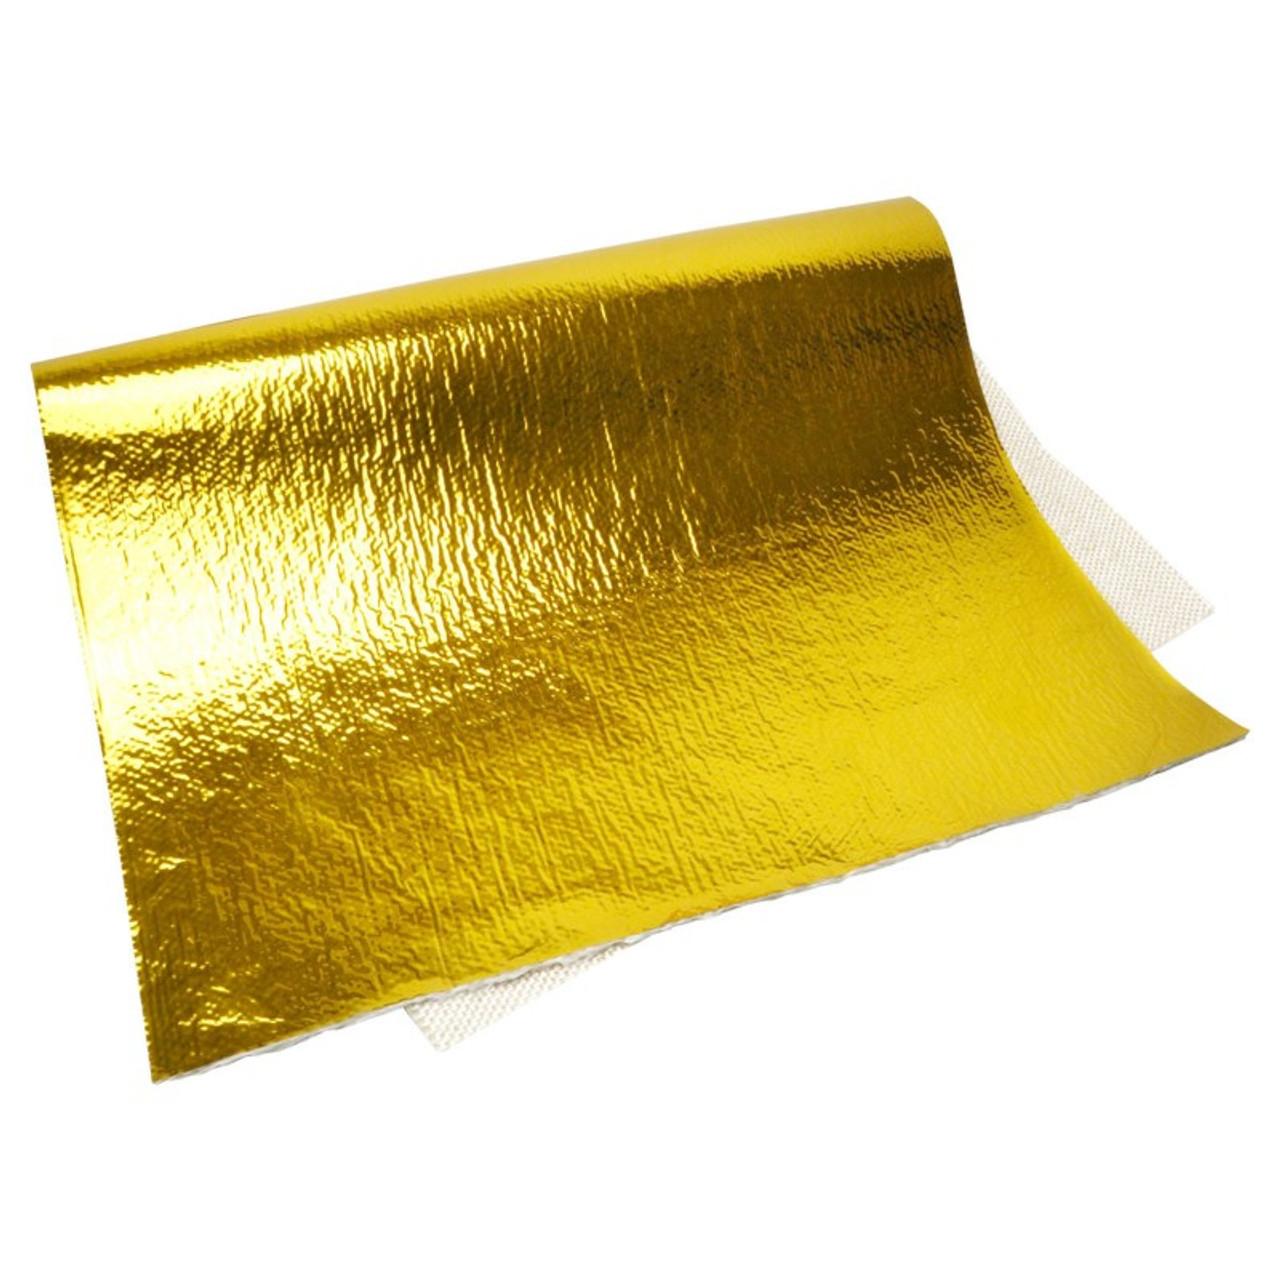 Reflect A Gold Sheet 12x24